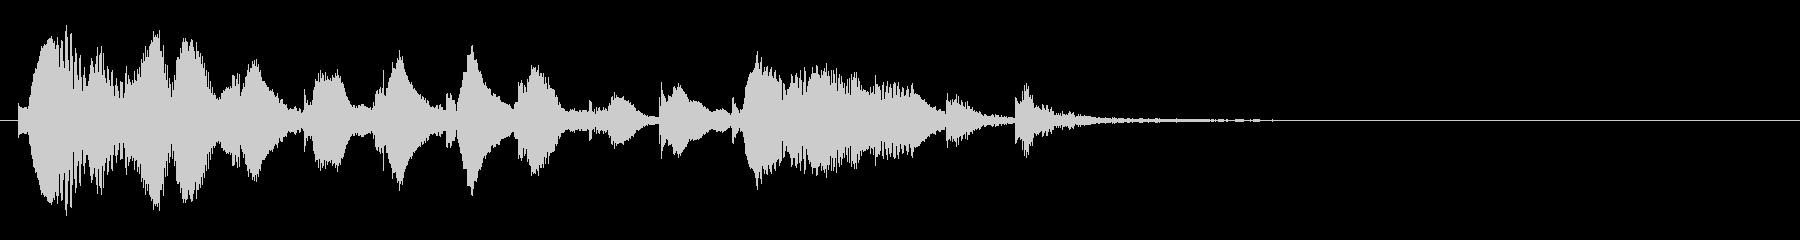 のほほんジングル025_キュートの未再生の波形